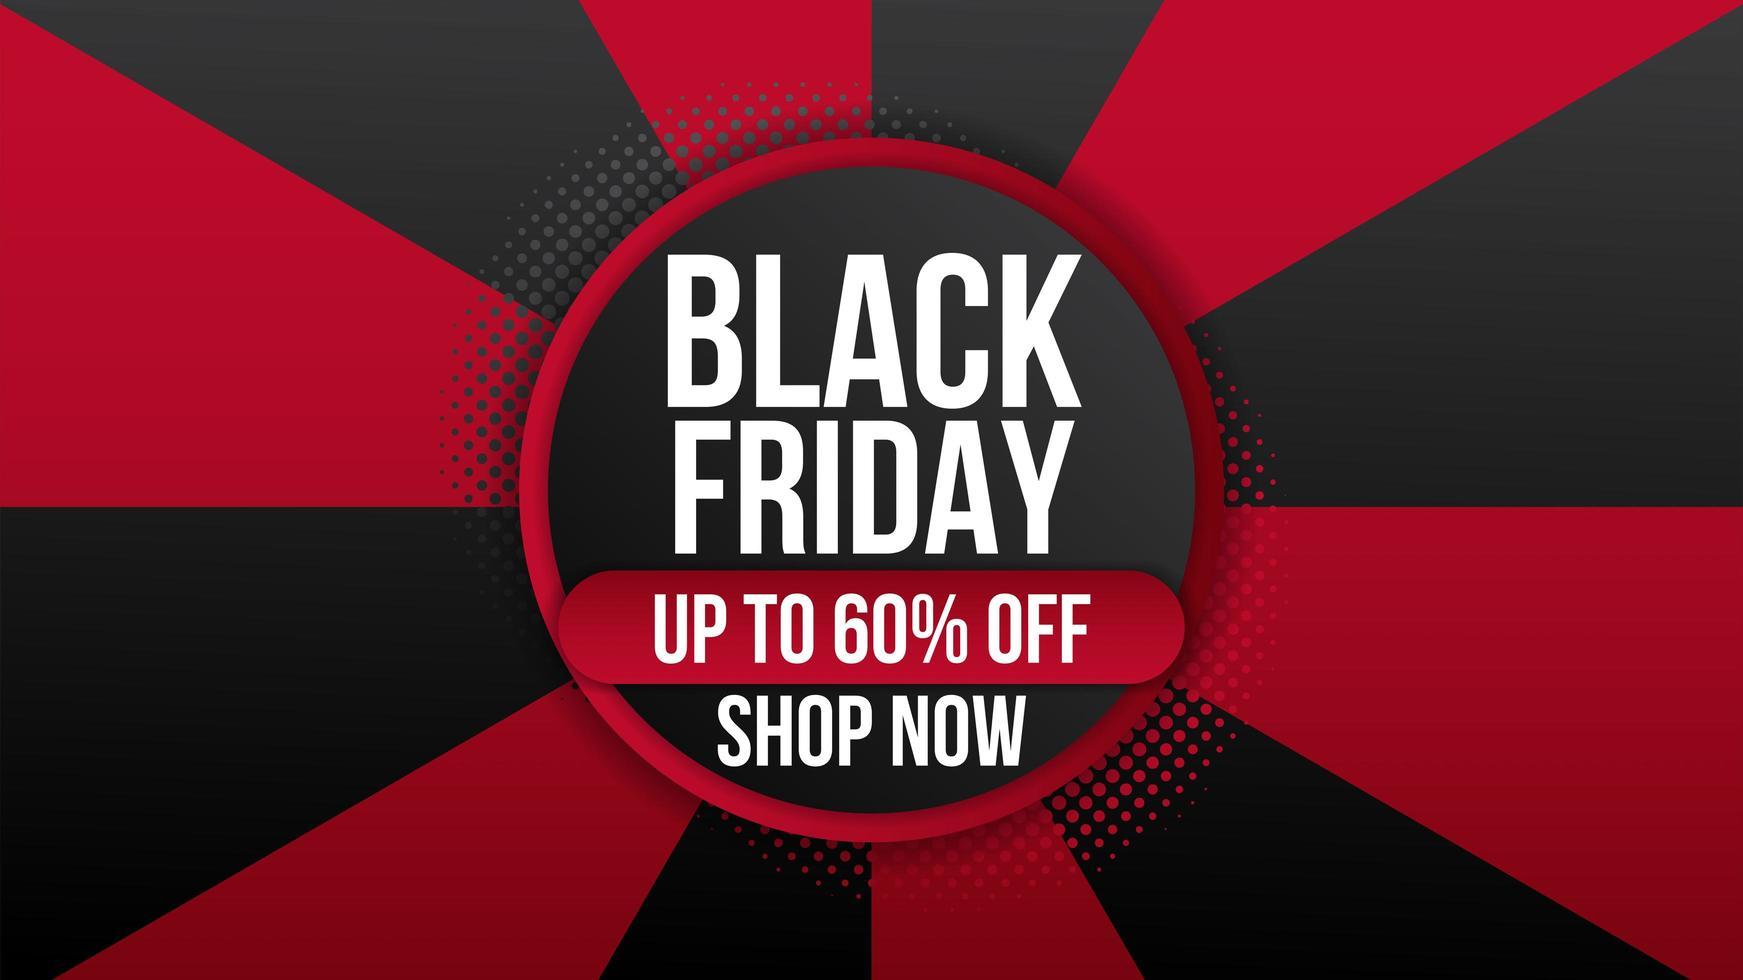 schwarzer Freitag Verkauf Promo Banner Flyer vektor